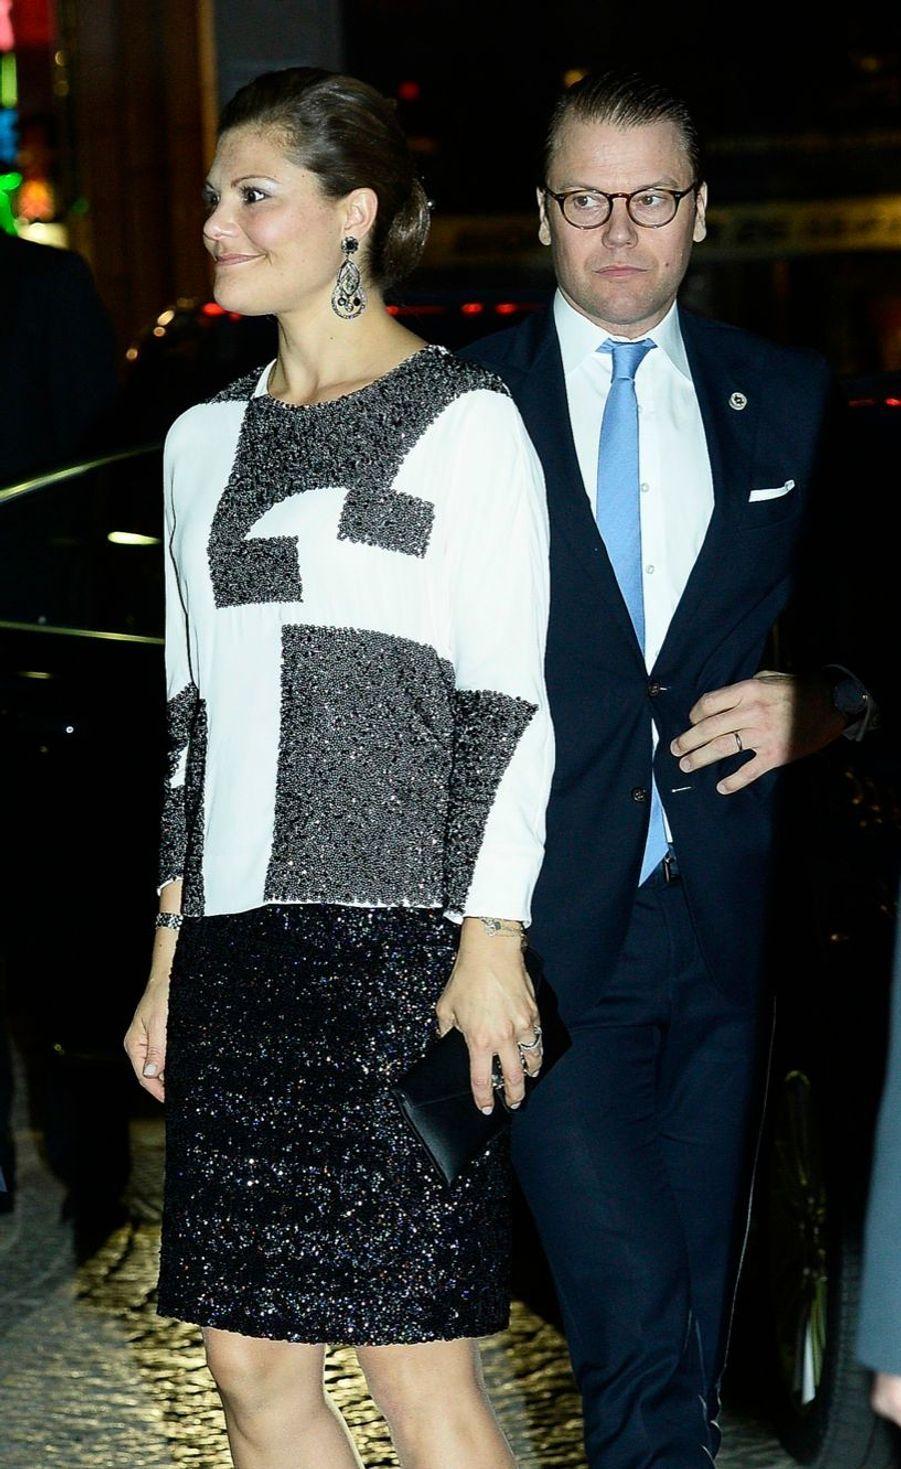 La princesse Victoria et le prince Daniel à la soirée de gala pour la rentrée du Parlement de Suède, le 30 septembre 2014